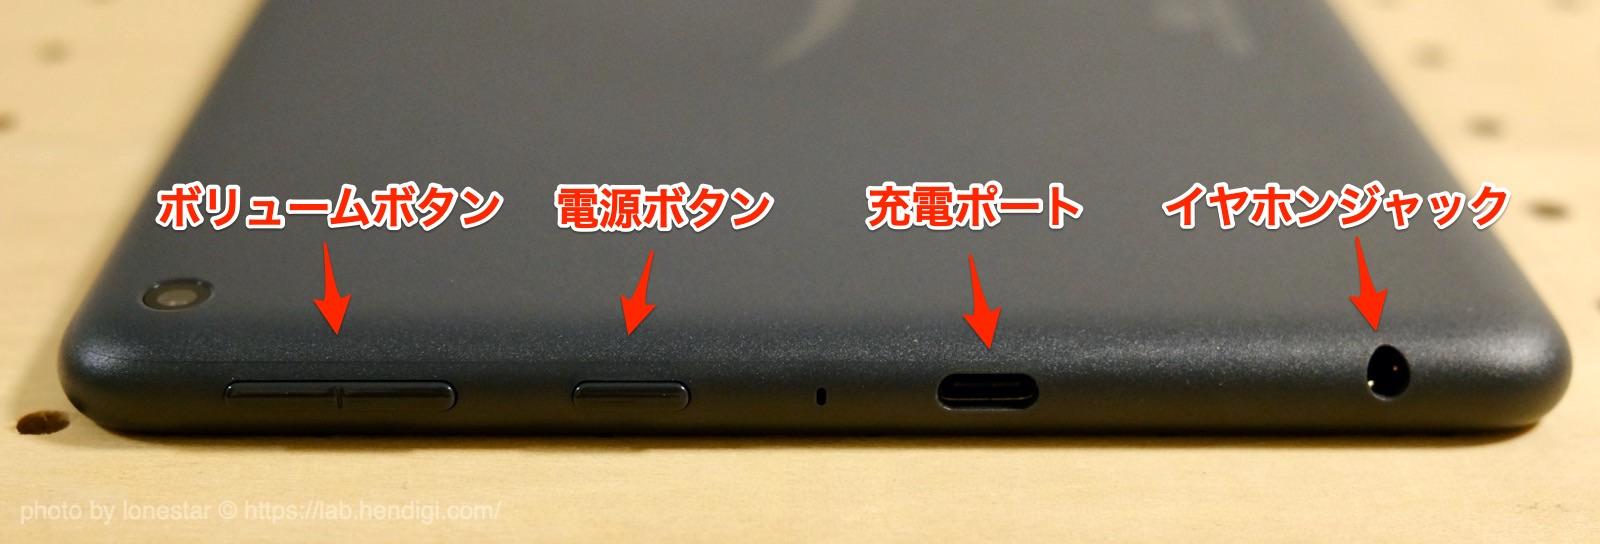 Fire HD 8 Plus ポート類